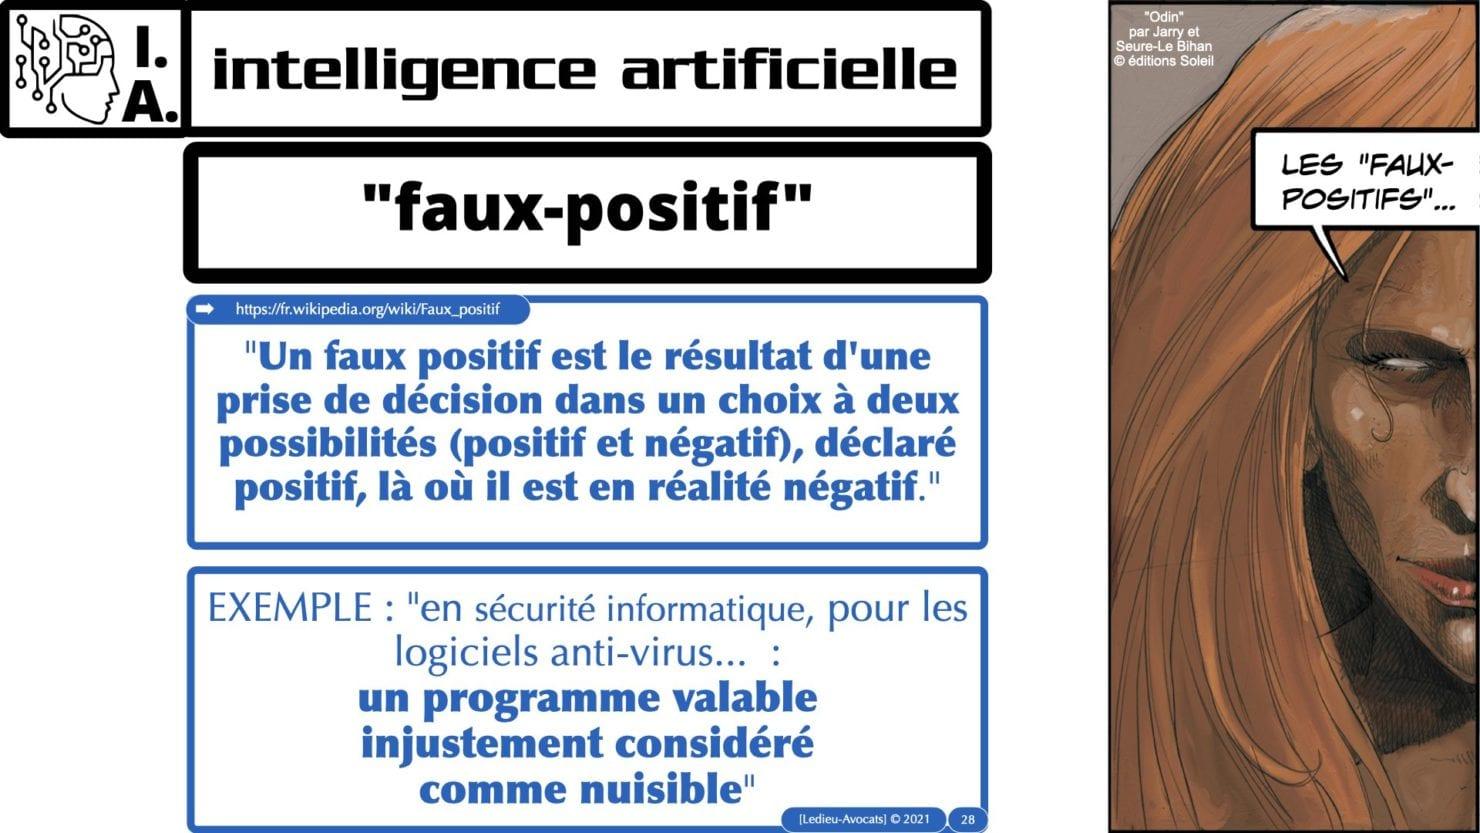 335 Intelligence Artificielle 2021 et AI Act [projet de Règlement UE] deep learning machine learning © Ledieu-Avocats 04-06-2021 *16:9*.028